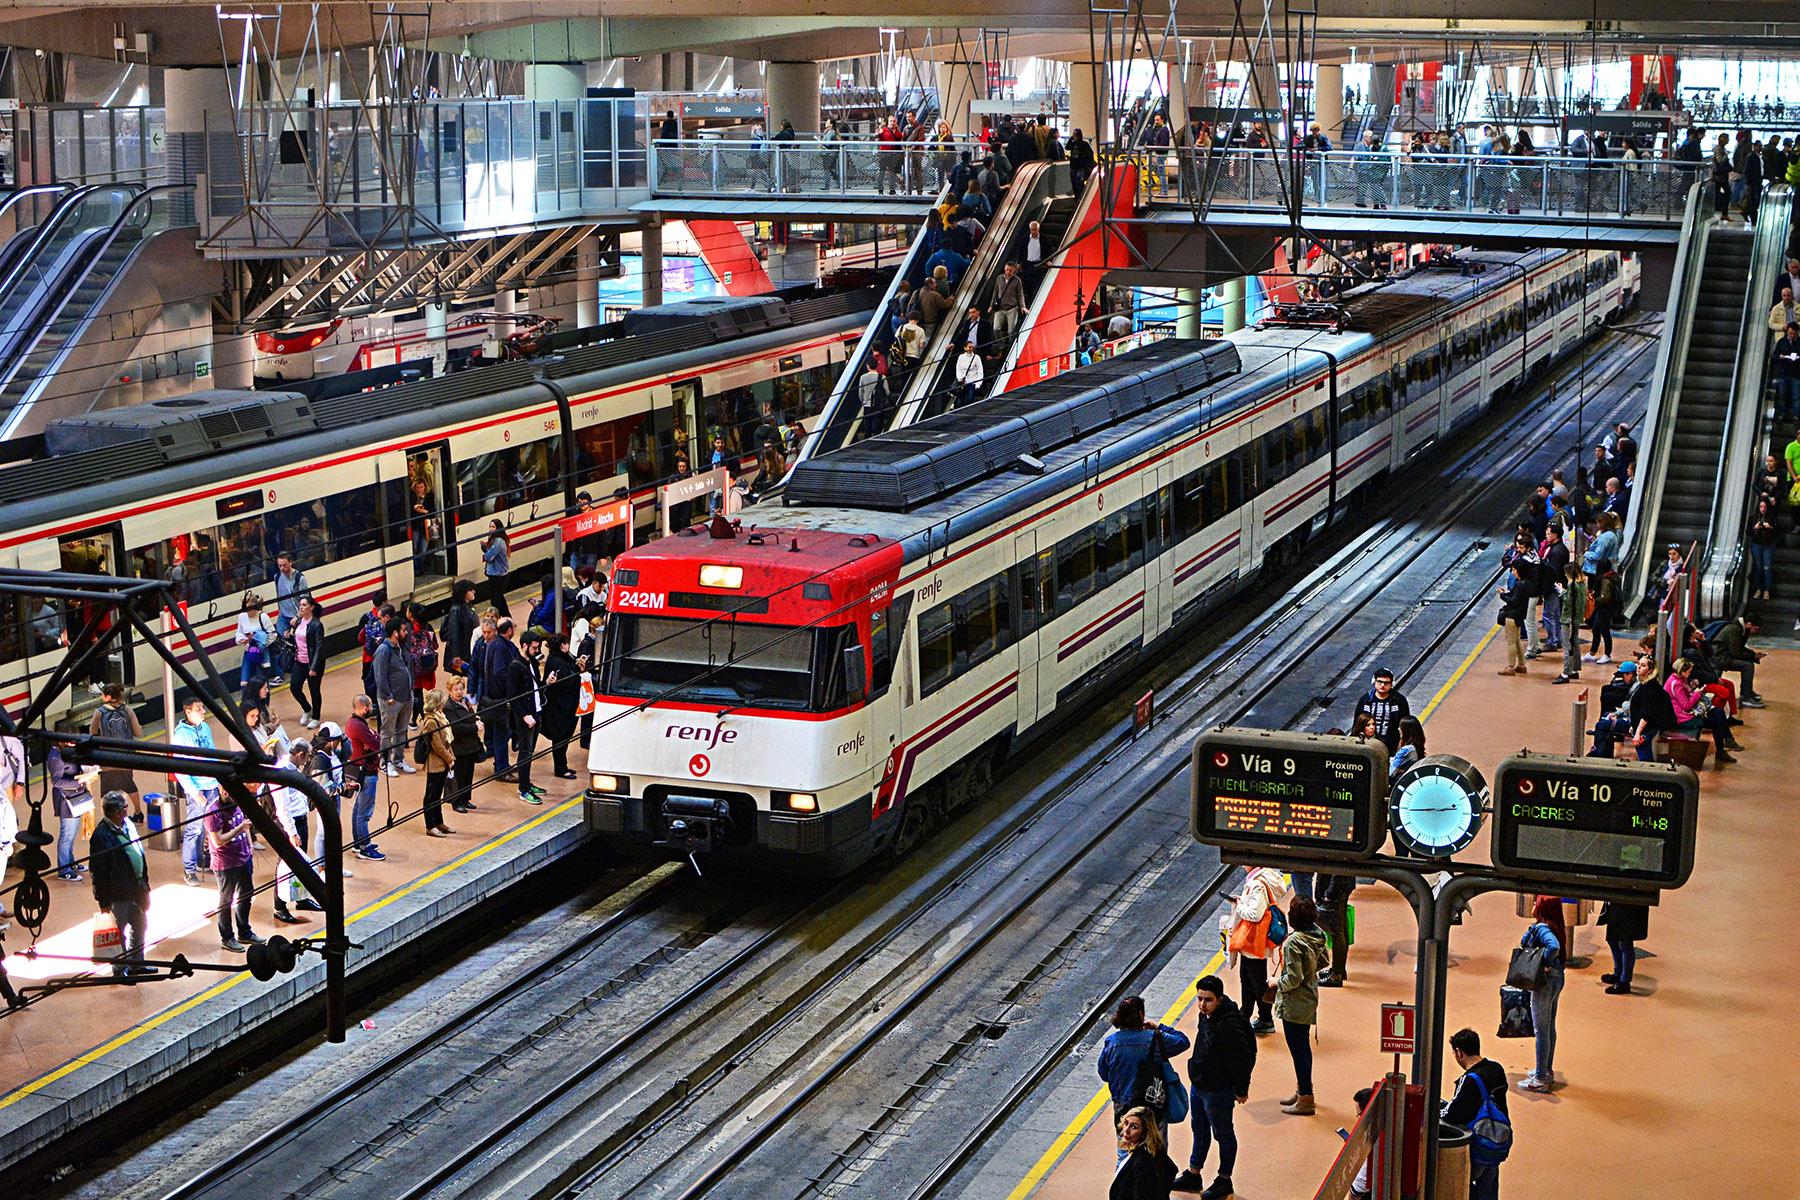 Renfe Cercanías trains